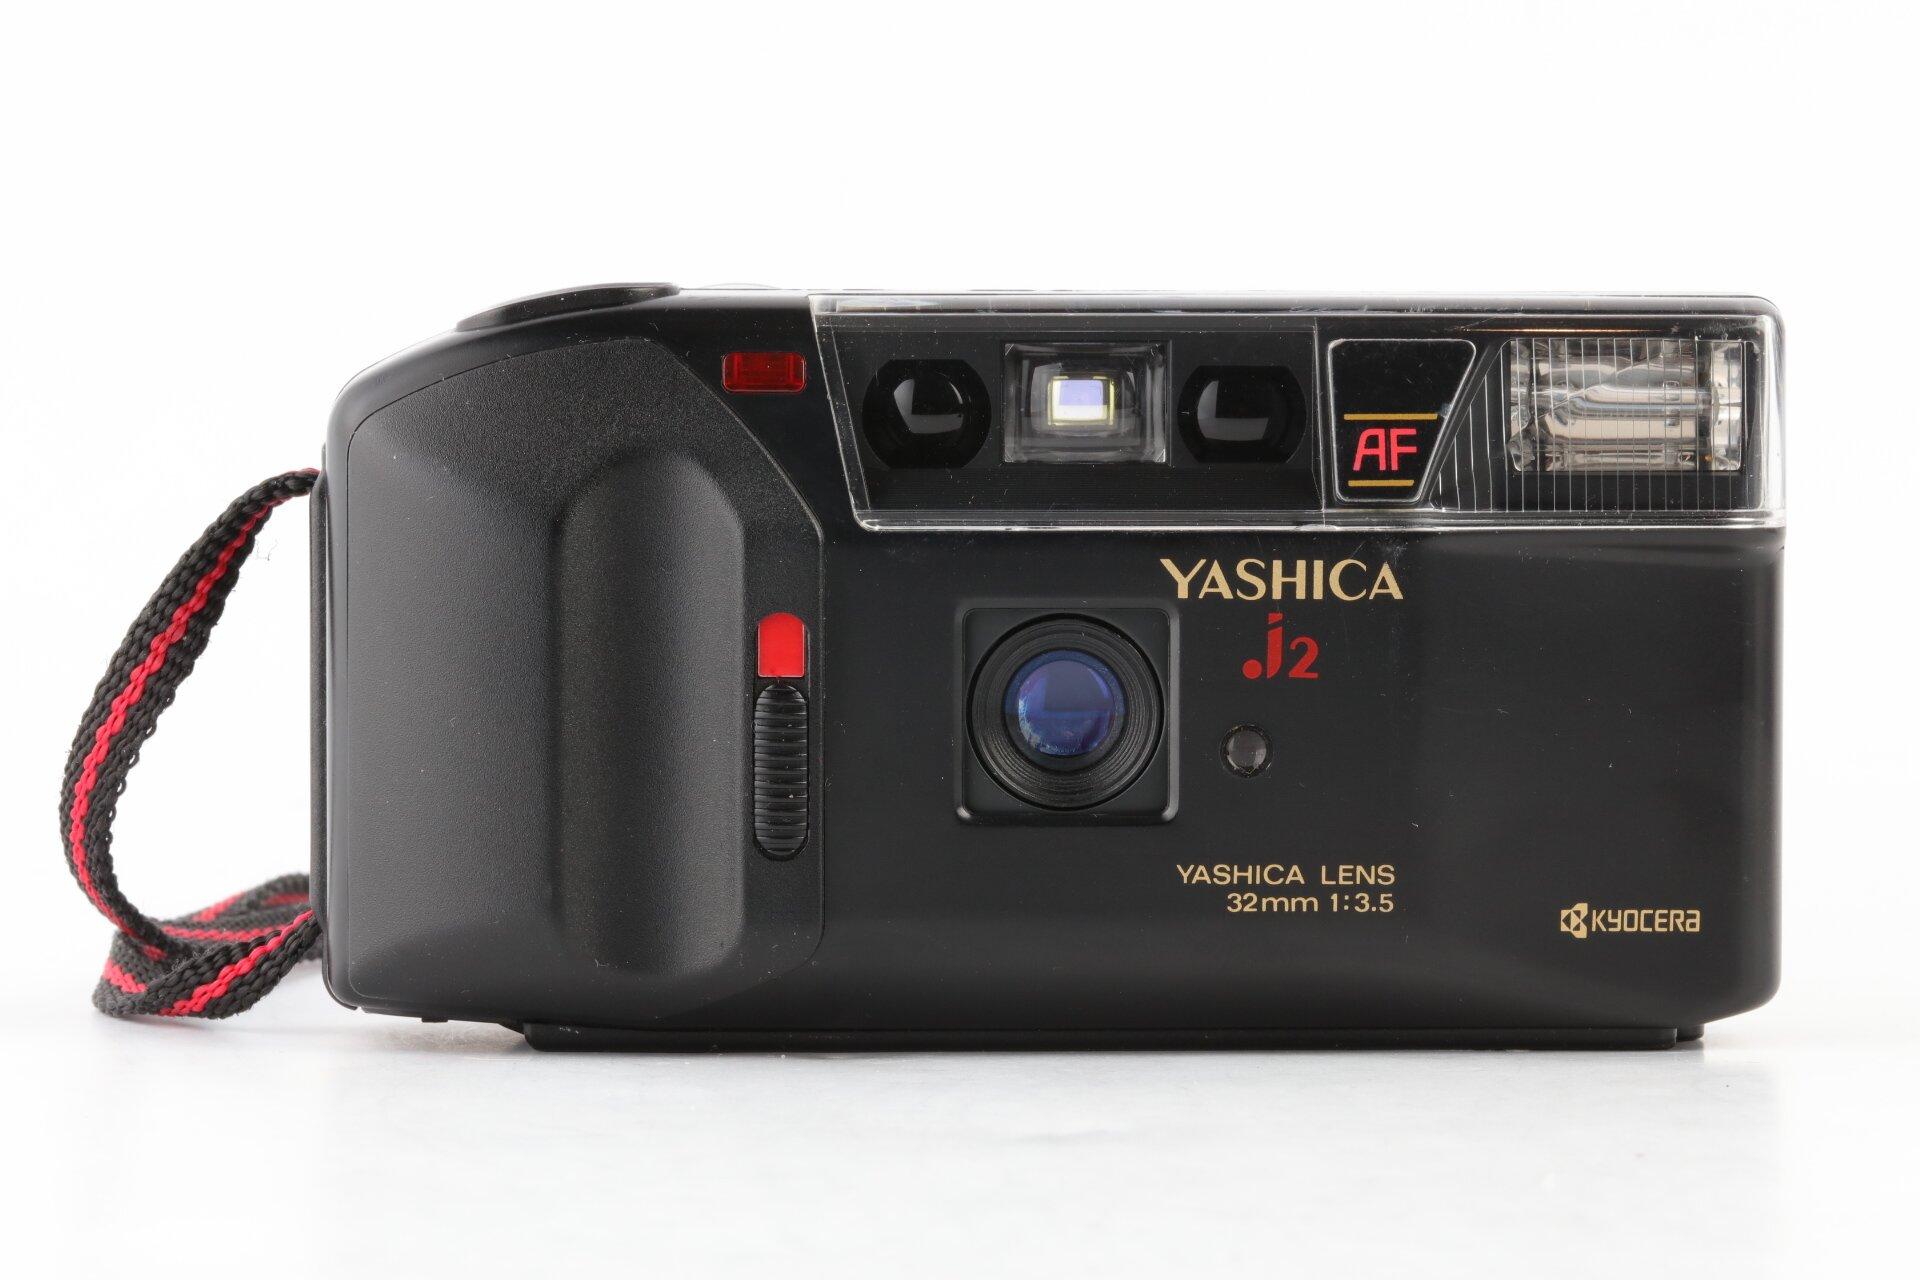 Yashica AF-j2